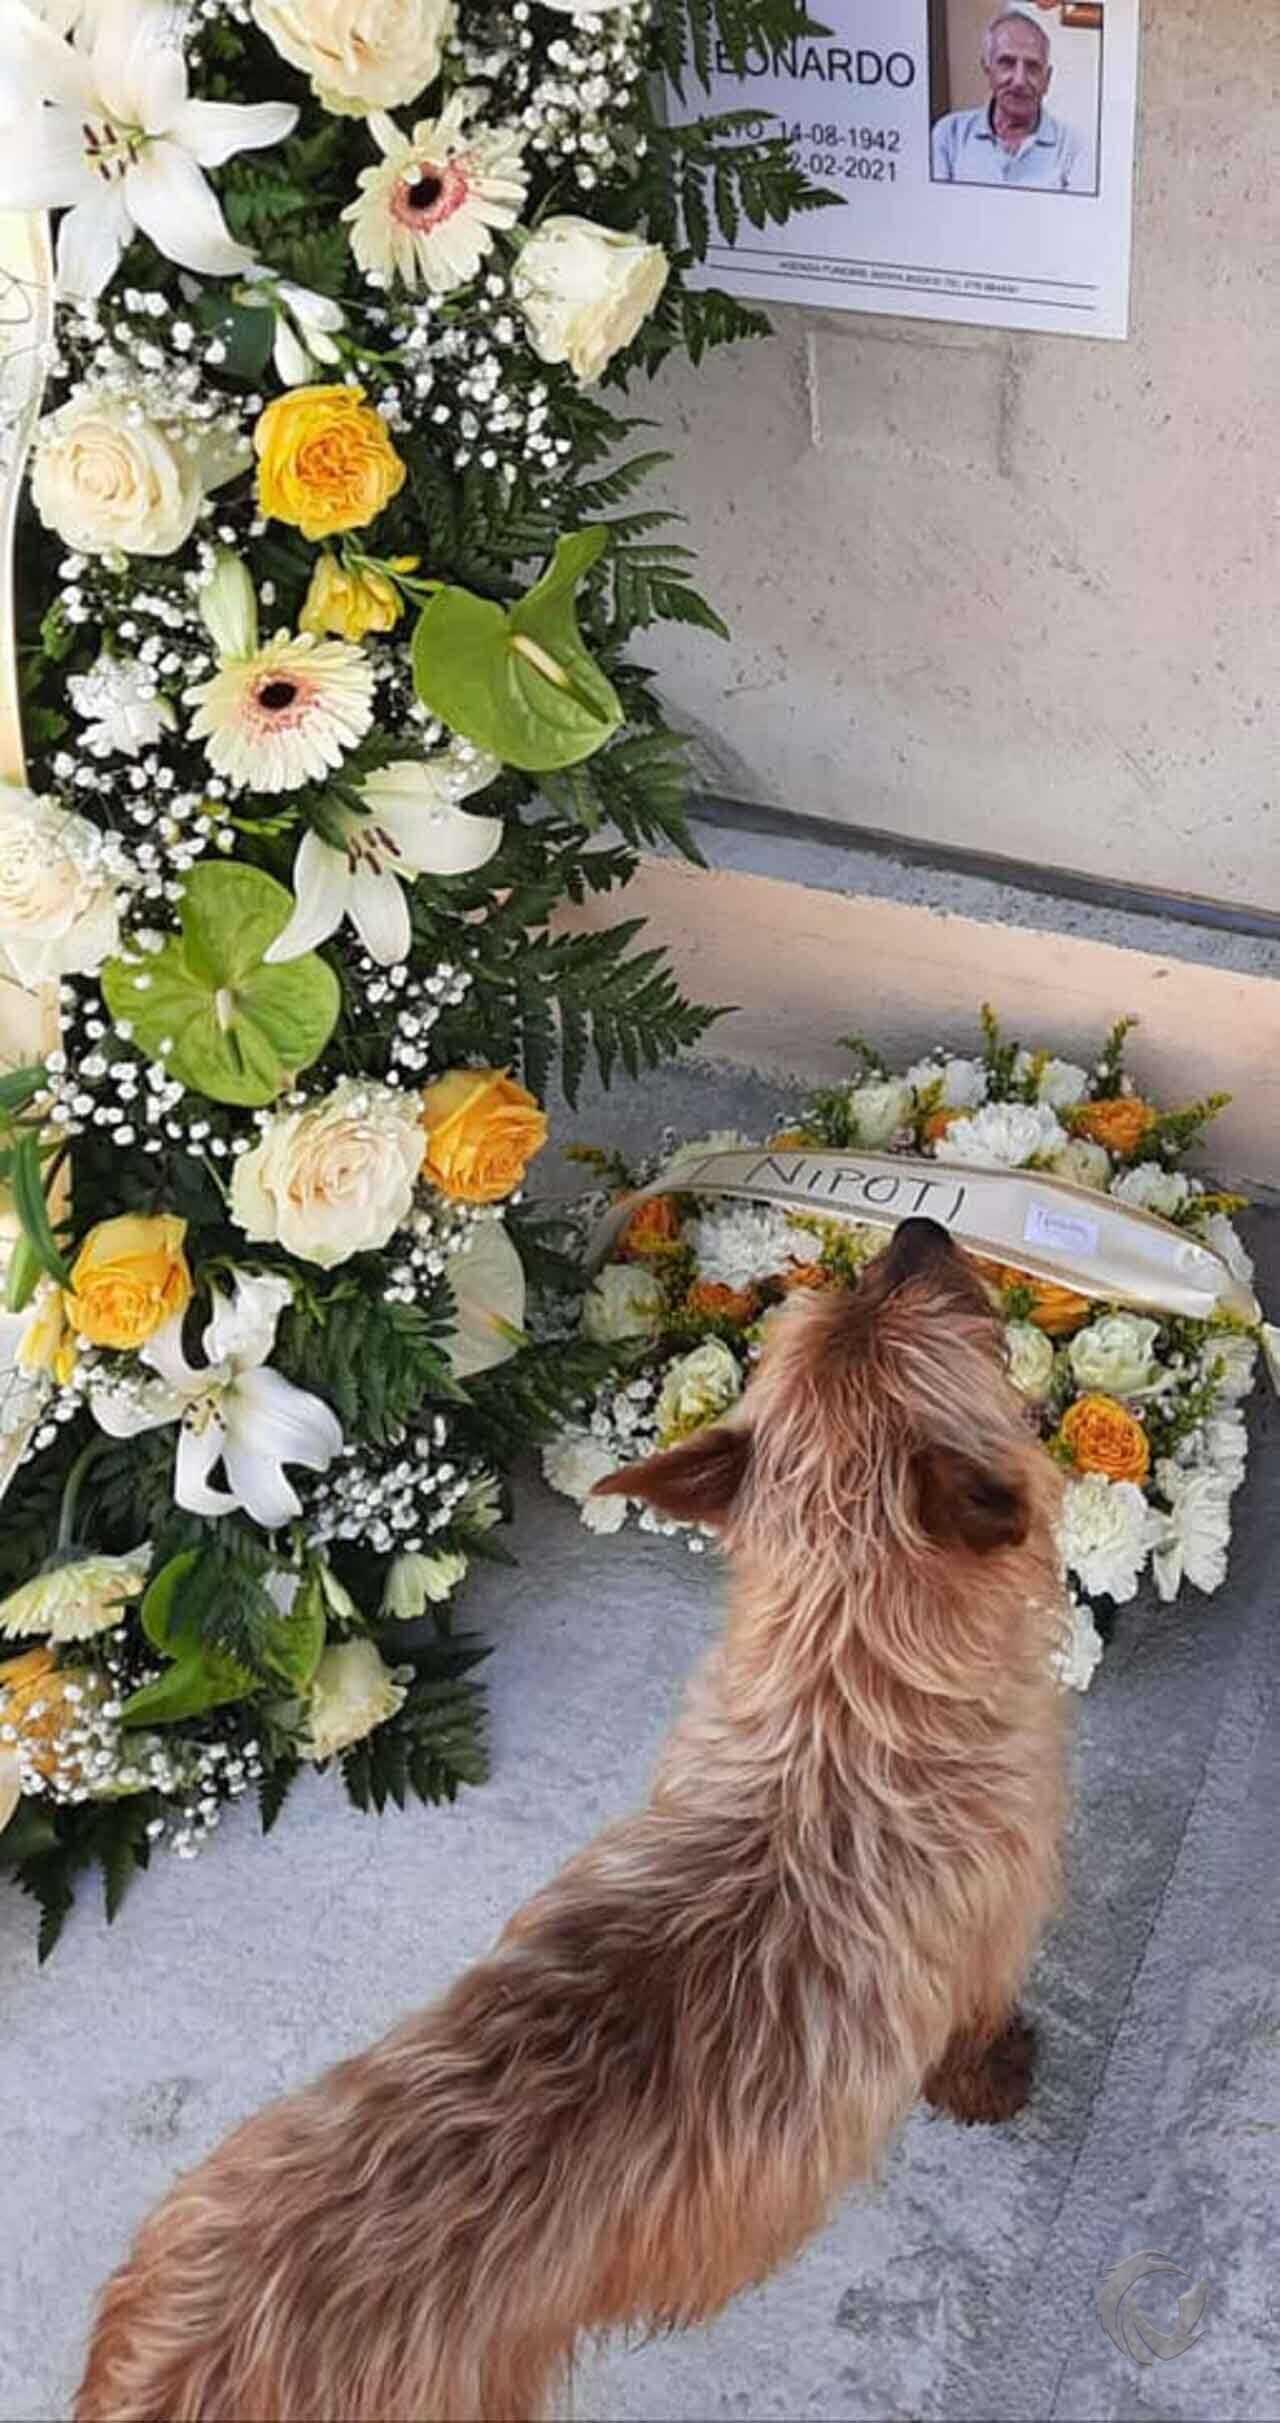 Mały piesek codziennie przebywa kilometry, aby odwiedzić grób swojego ukochanego człowieka